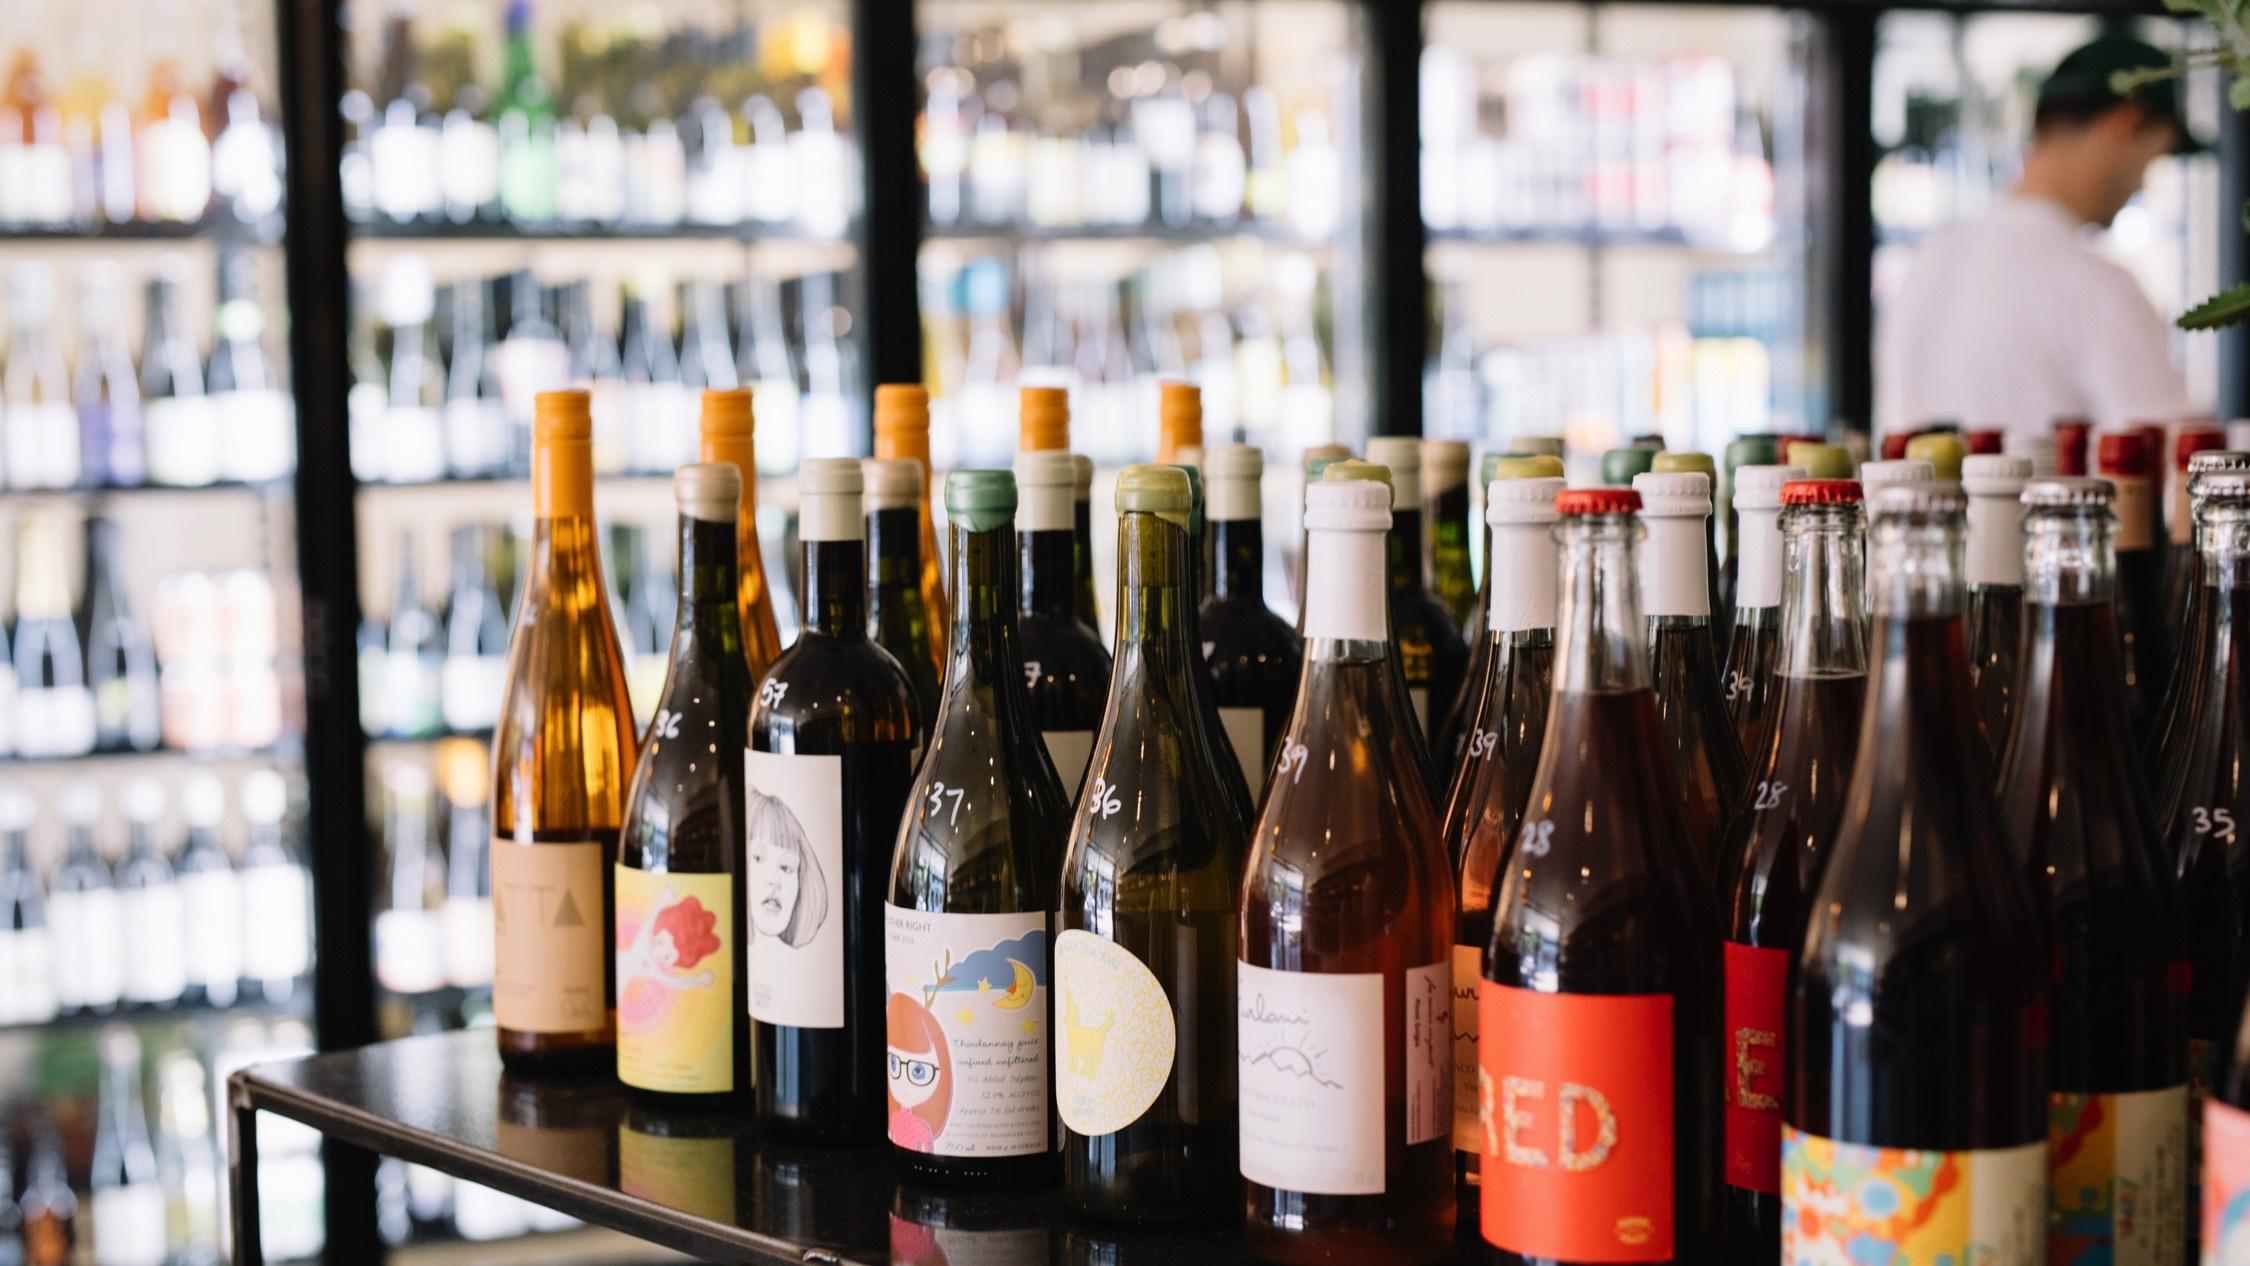 Wine bottles on shelf at Winona